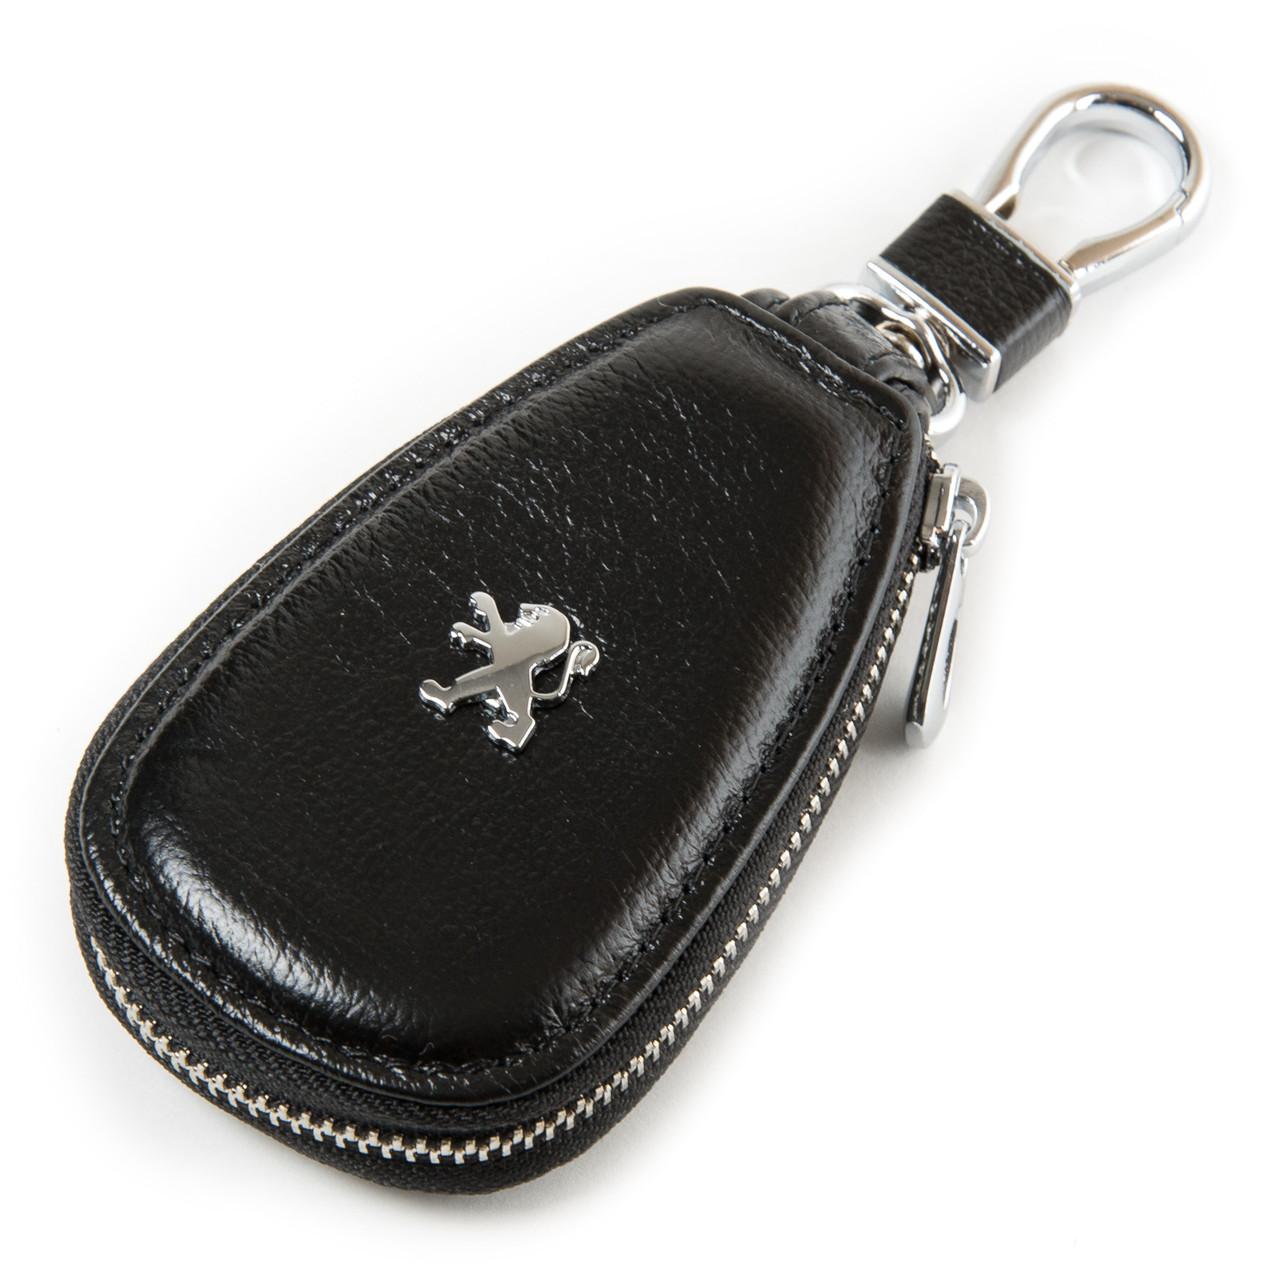 Ключниця для автомобільних ключів шкіряна чорна Dr.Bond F633